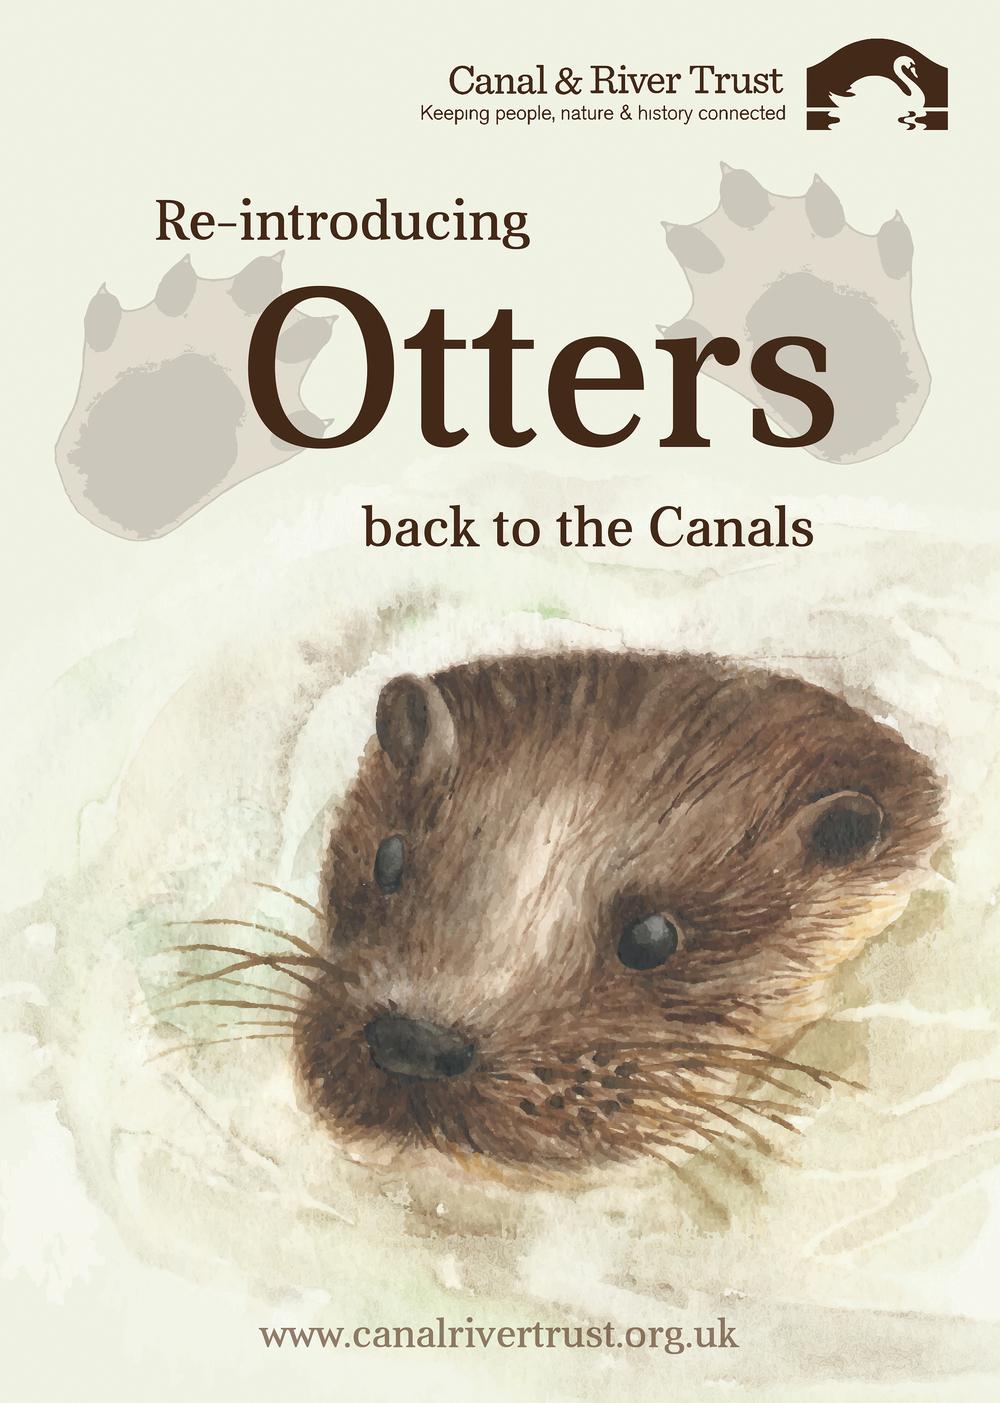 Otter Poster 1 Small.jpg